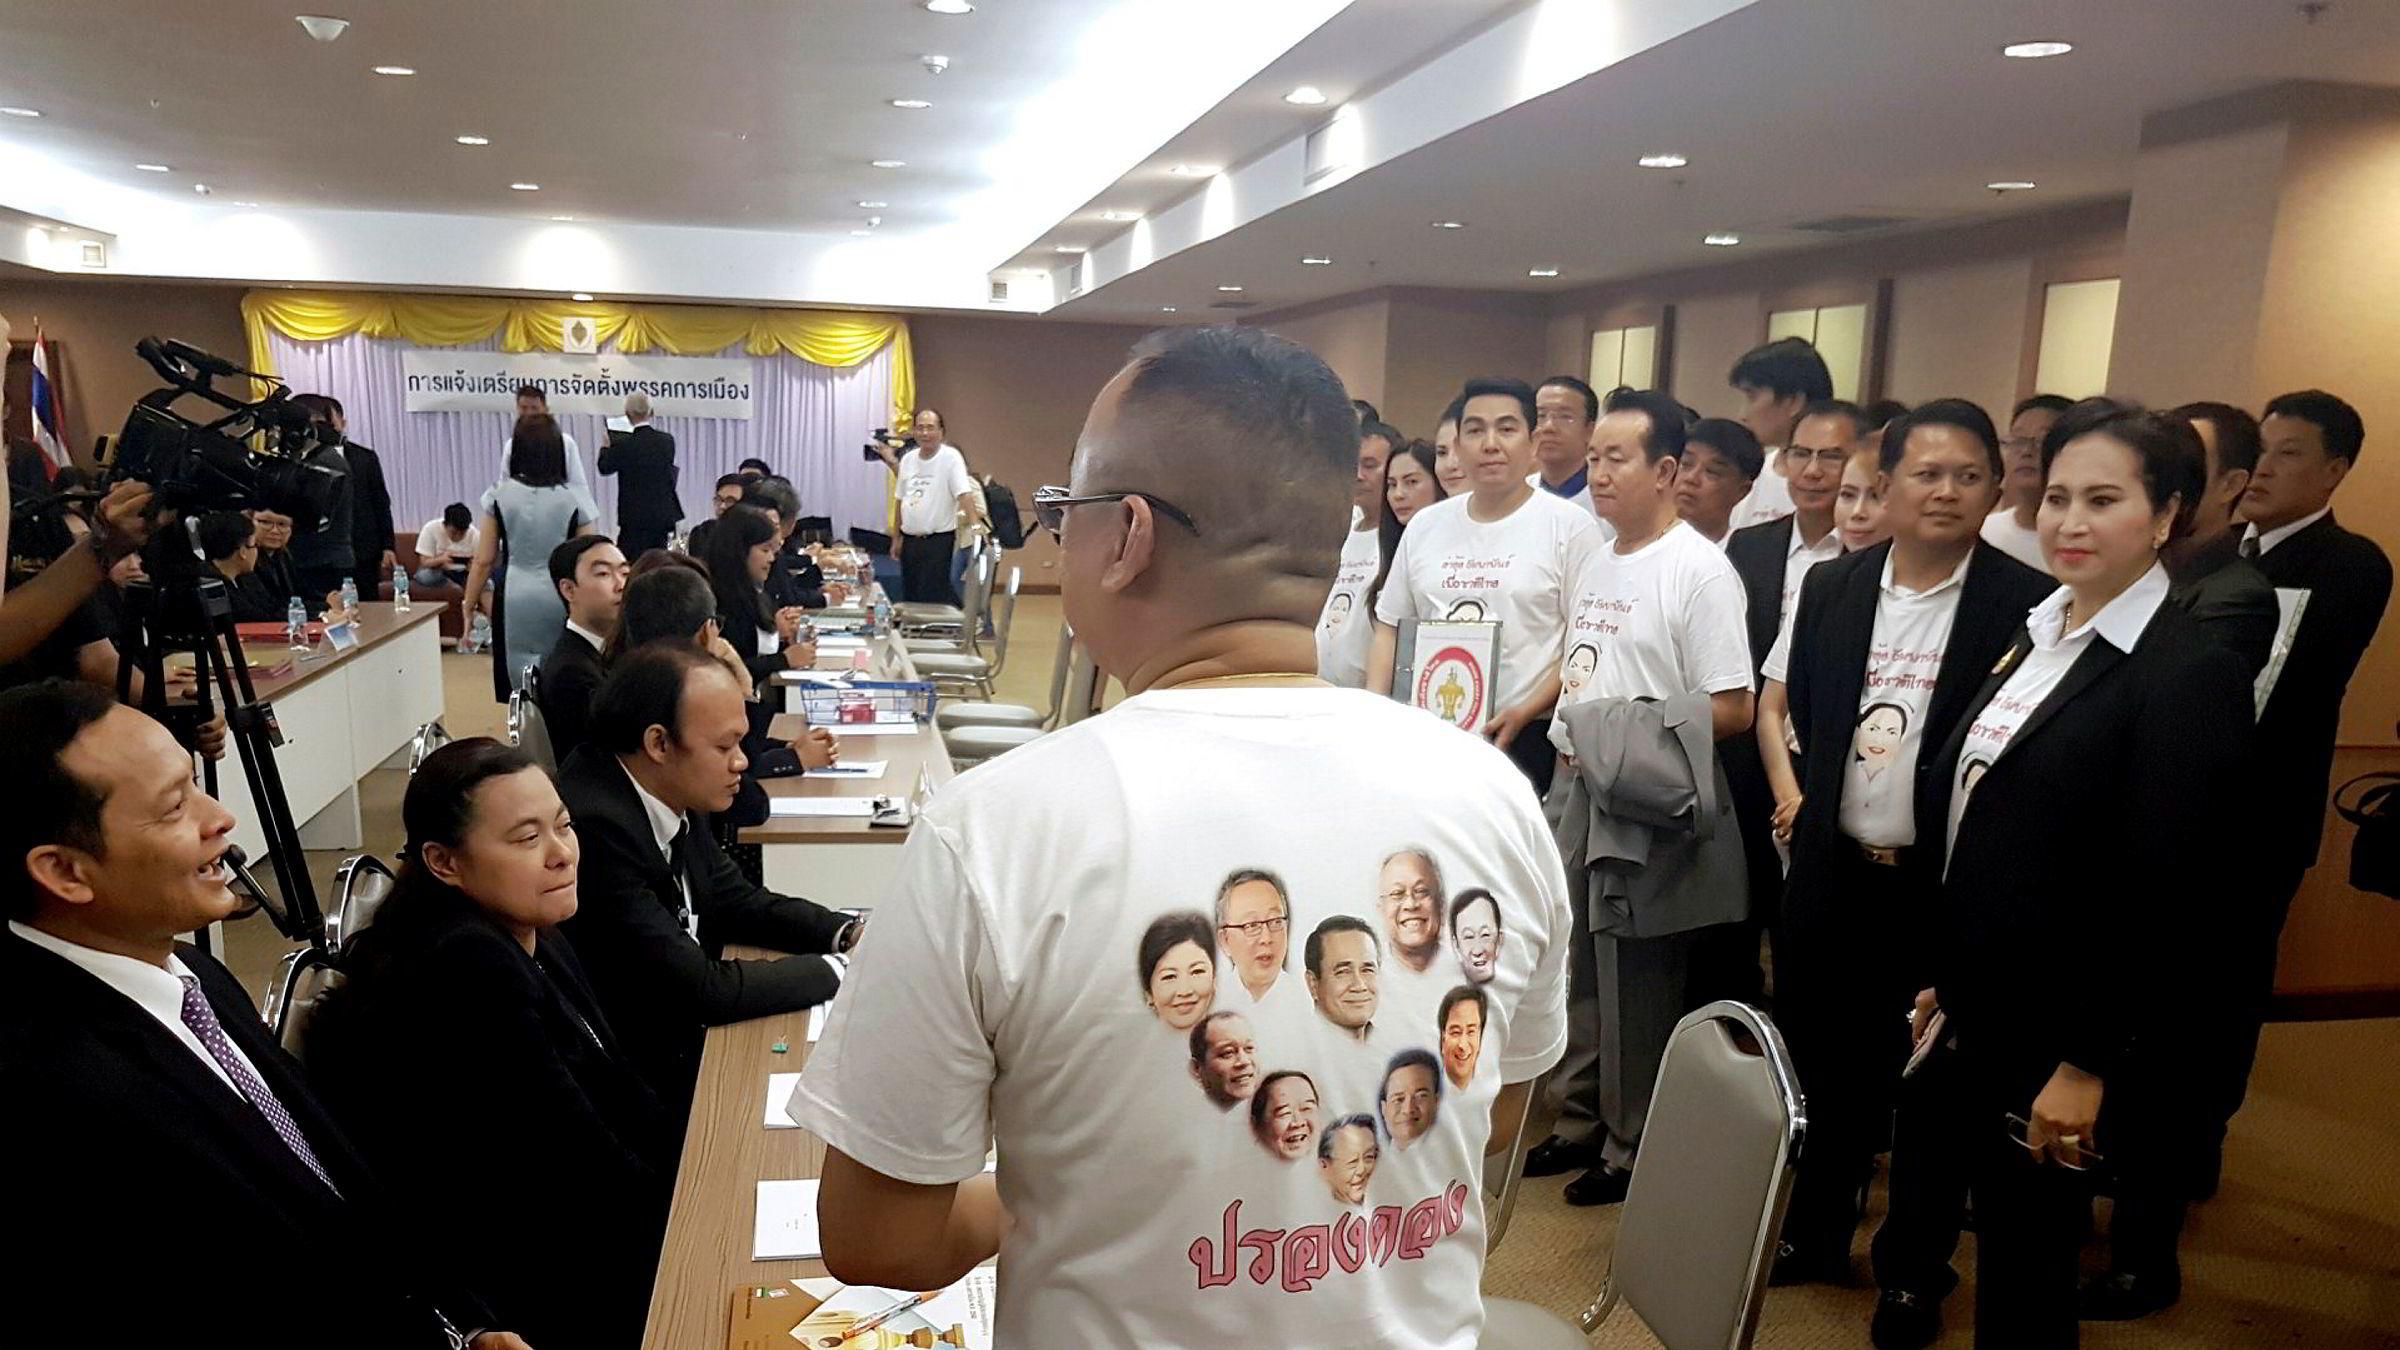 Et medlem av Phuar Chart Thai partiet, med t-skjorte med bilder av Thailands tidligere og nåværende statsministere, venter på å registrere sitt parti, etter at det ble tillatt i Thailand den siste uken – nesten fire år etter at militæret tok makten. Nå kan det gå mot demokratiske valg i løpet av det neste året. Det kan bli kaotisk med nye politiske allianser.